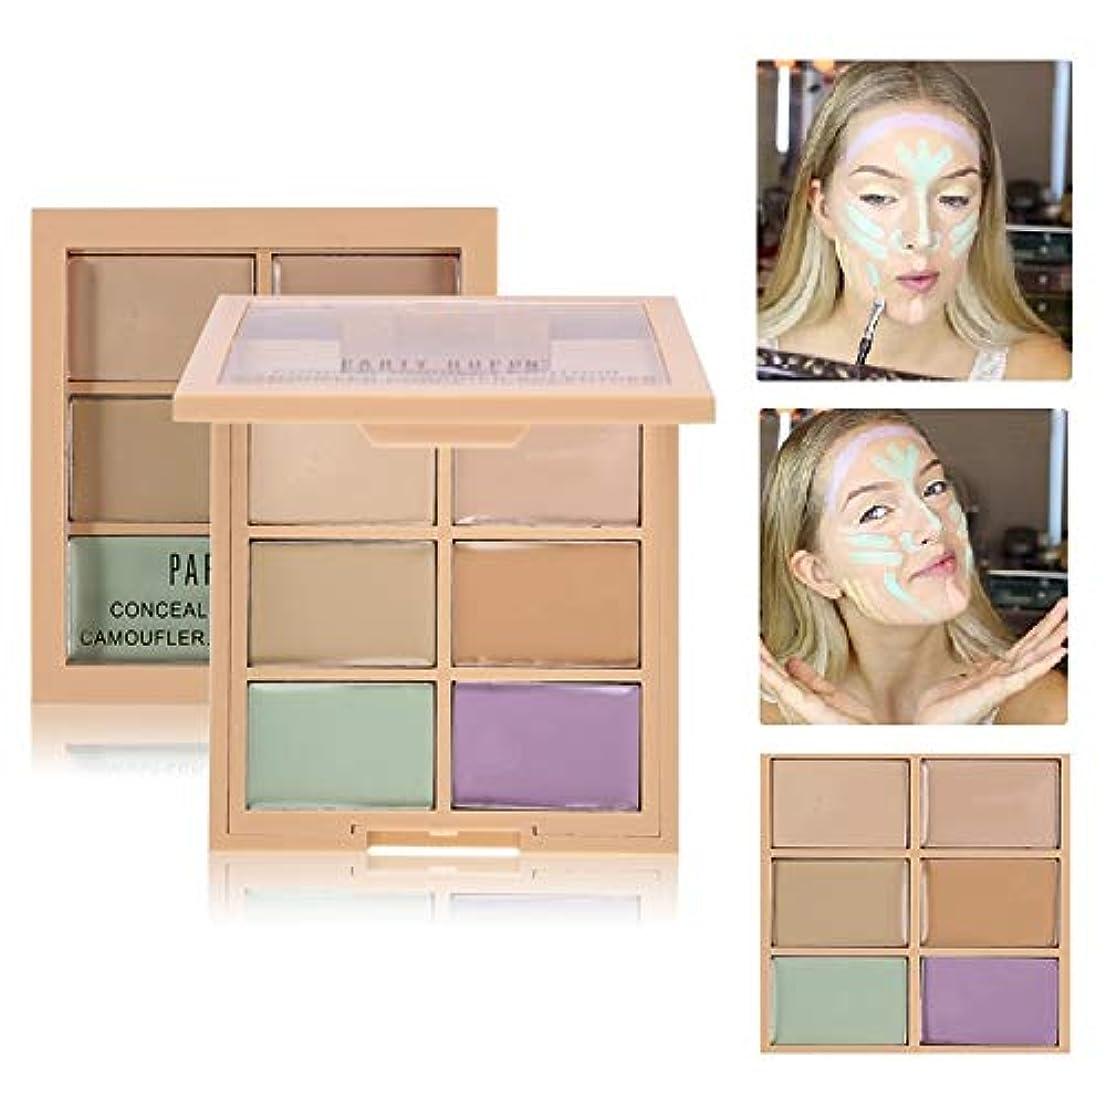 笑適応帳面6 Colors Correcting Concealer Palette Contouring Highlighter Bronzer Makeup Concealing Blemish Pores Cream Contour Kit 6色コンシーラーパレットコンターライティングハイライターブロンザーメイクコンシーラーブルームポアクリームコンターキット